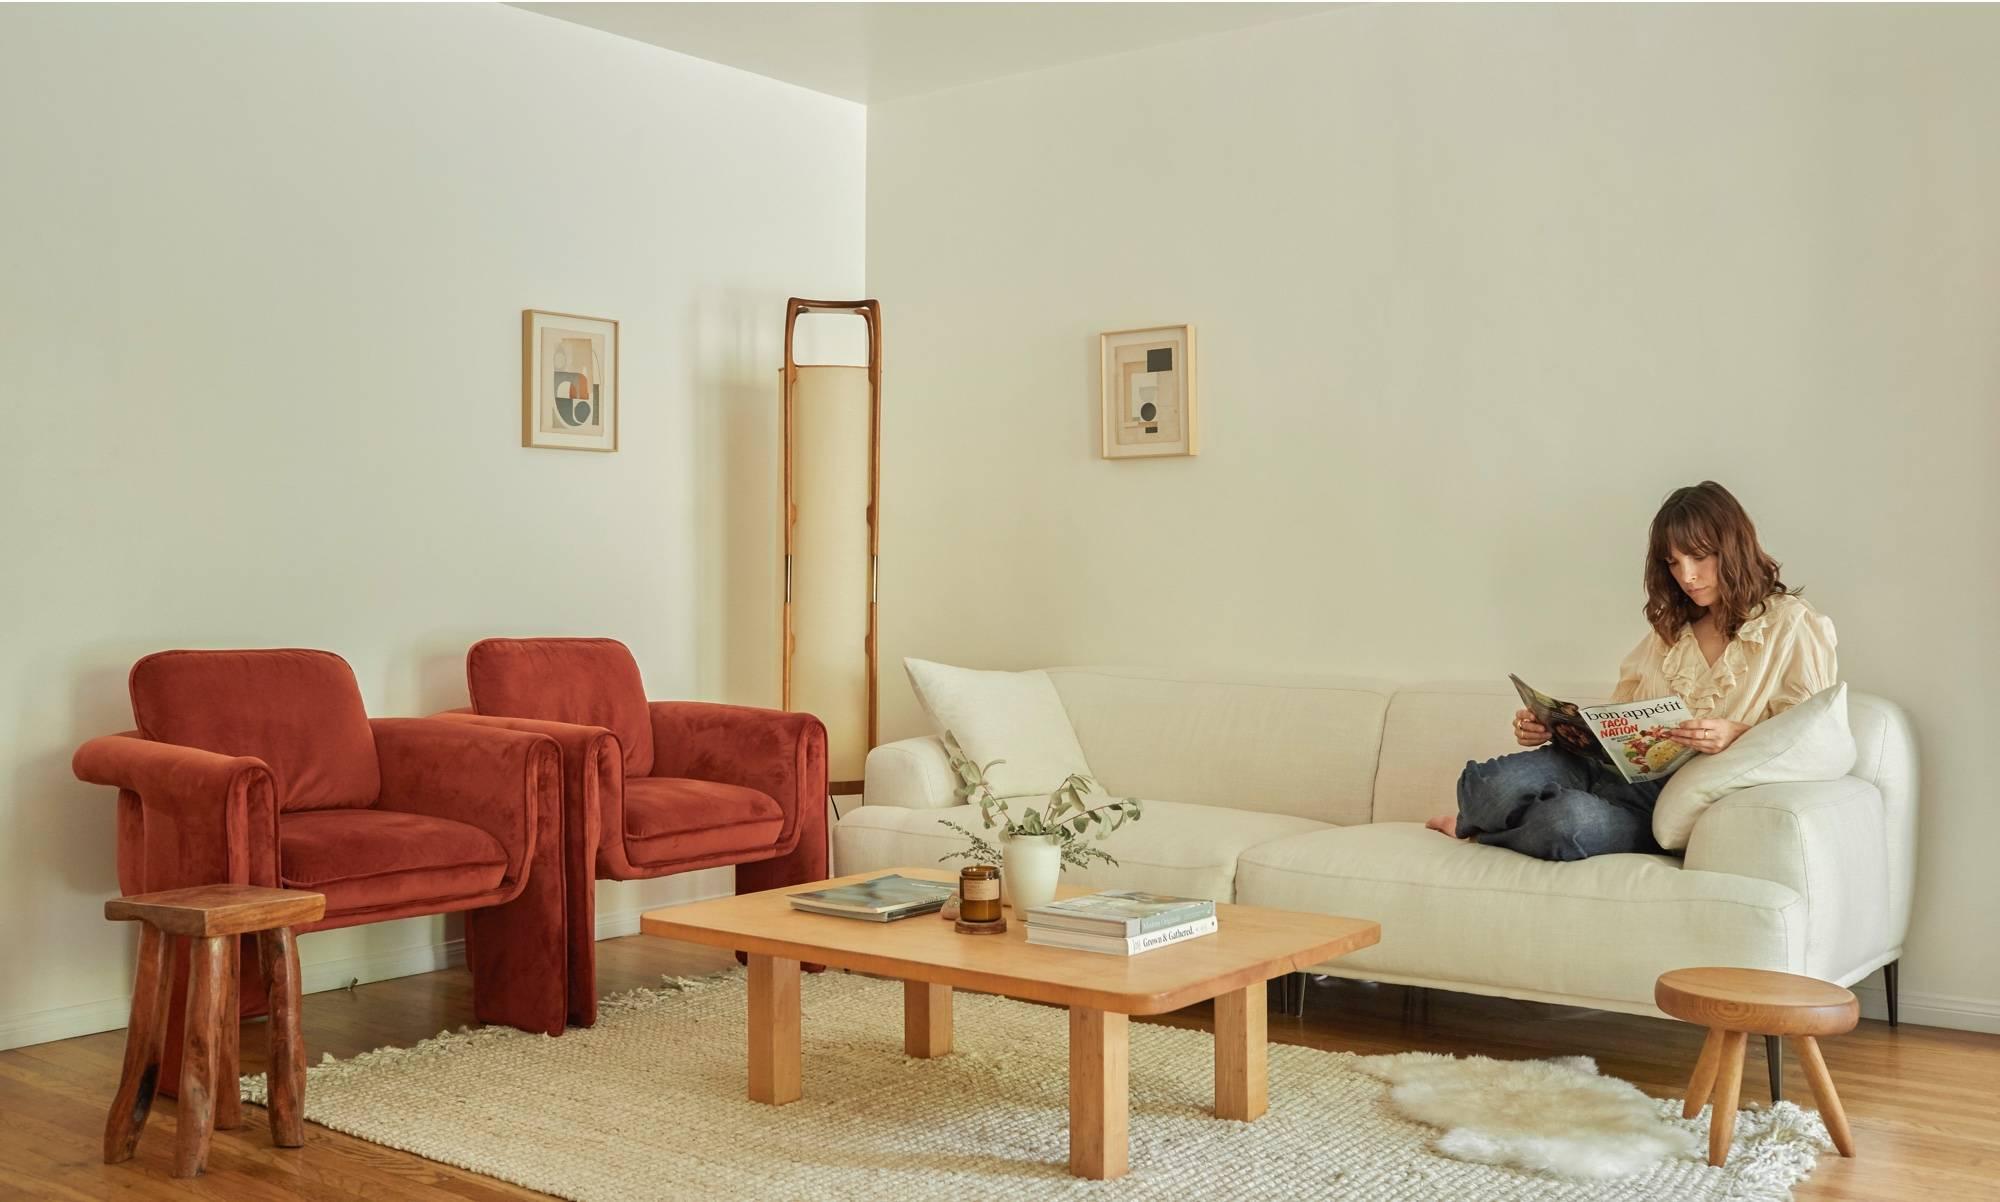 Jodi balfour at home.